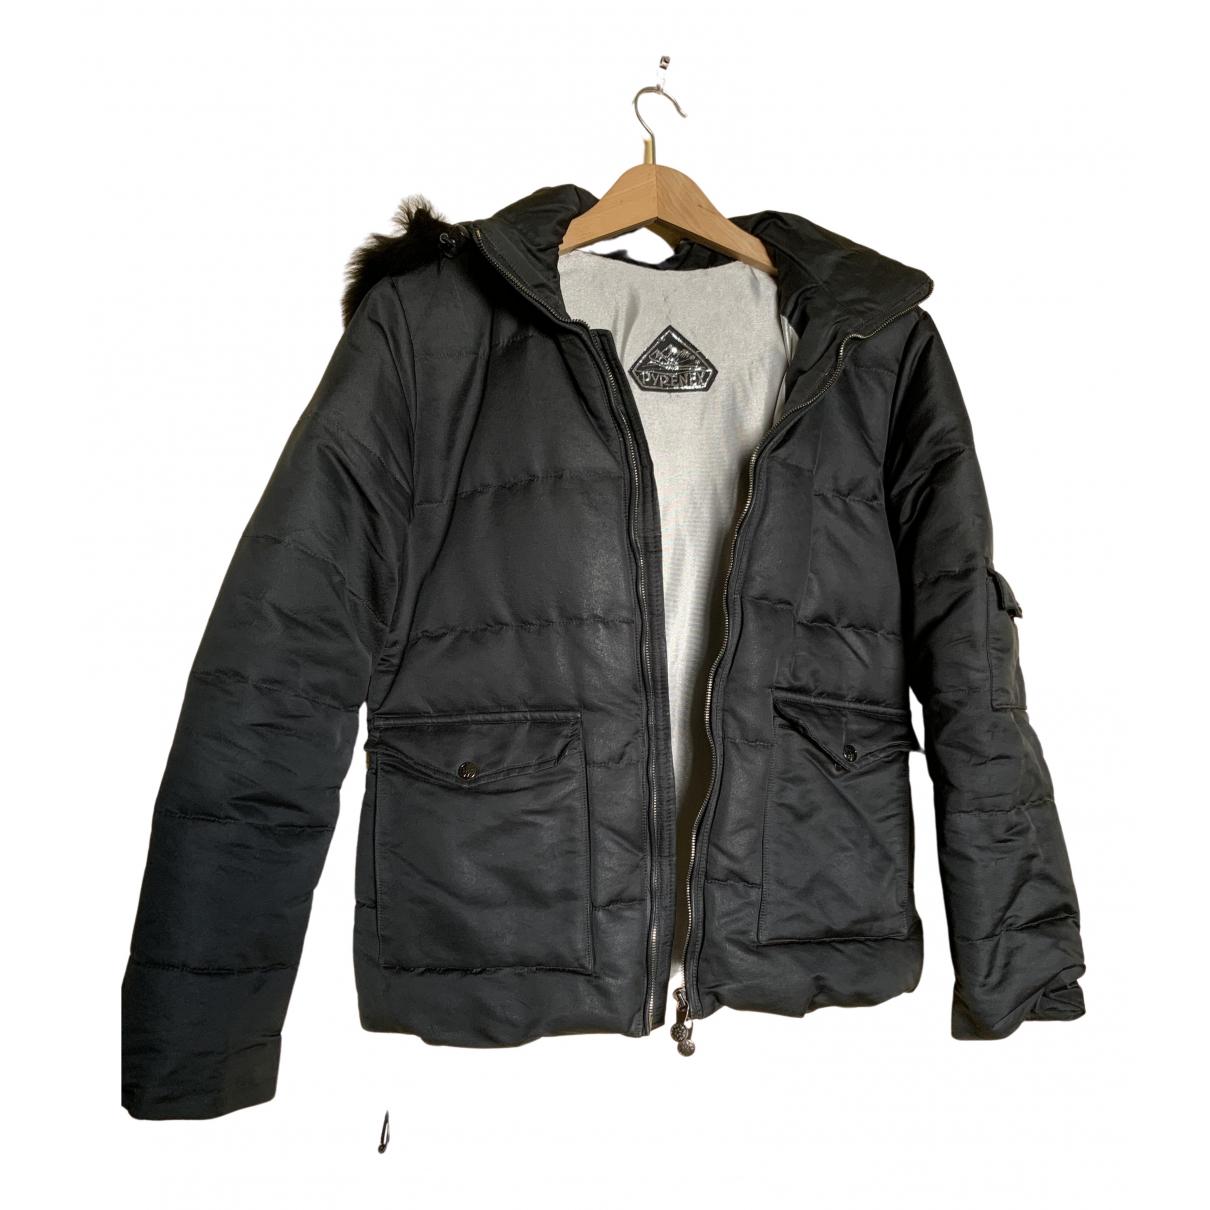 Pyrenex - Manteau   pour homme en toile - noir